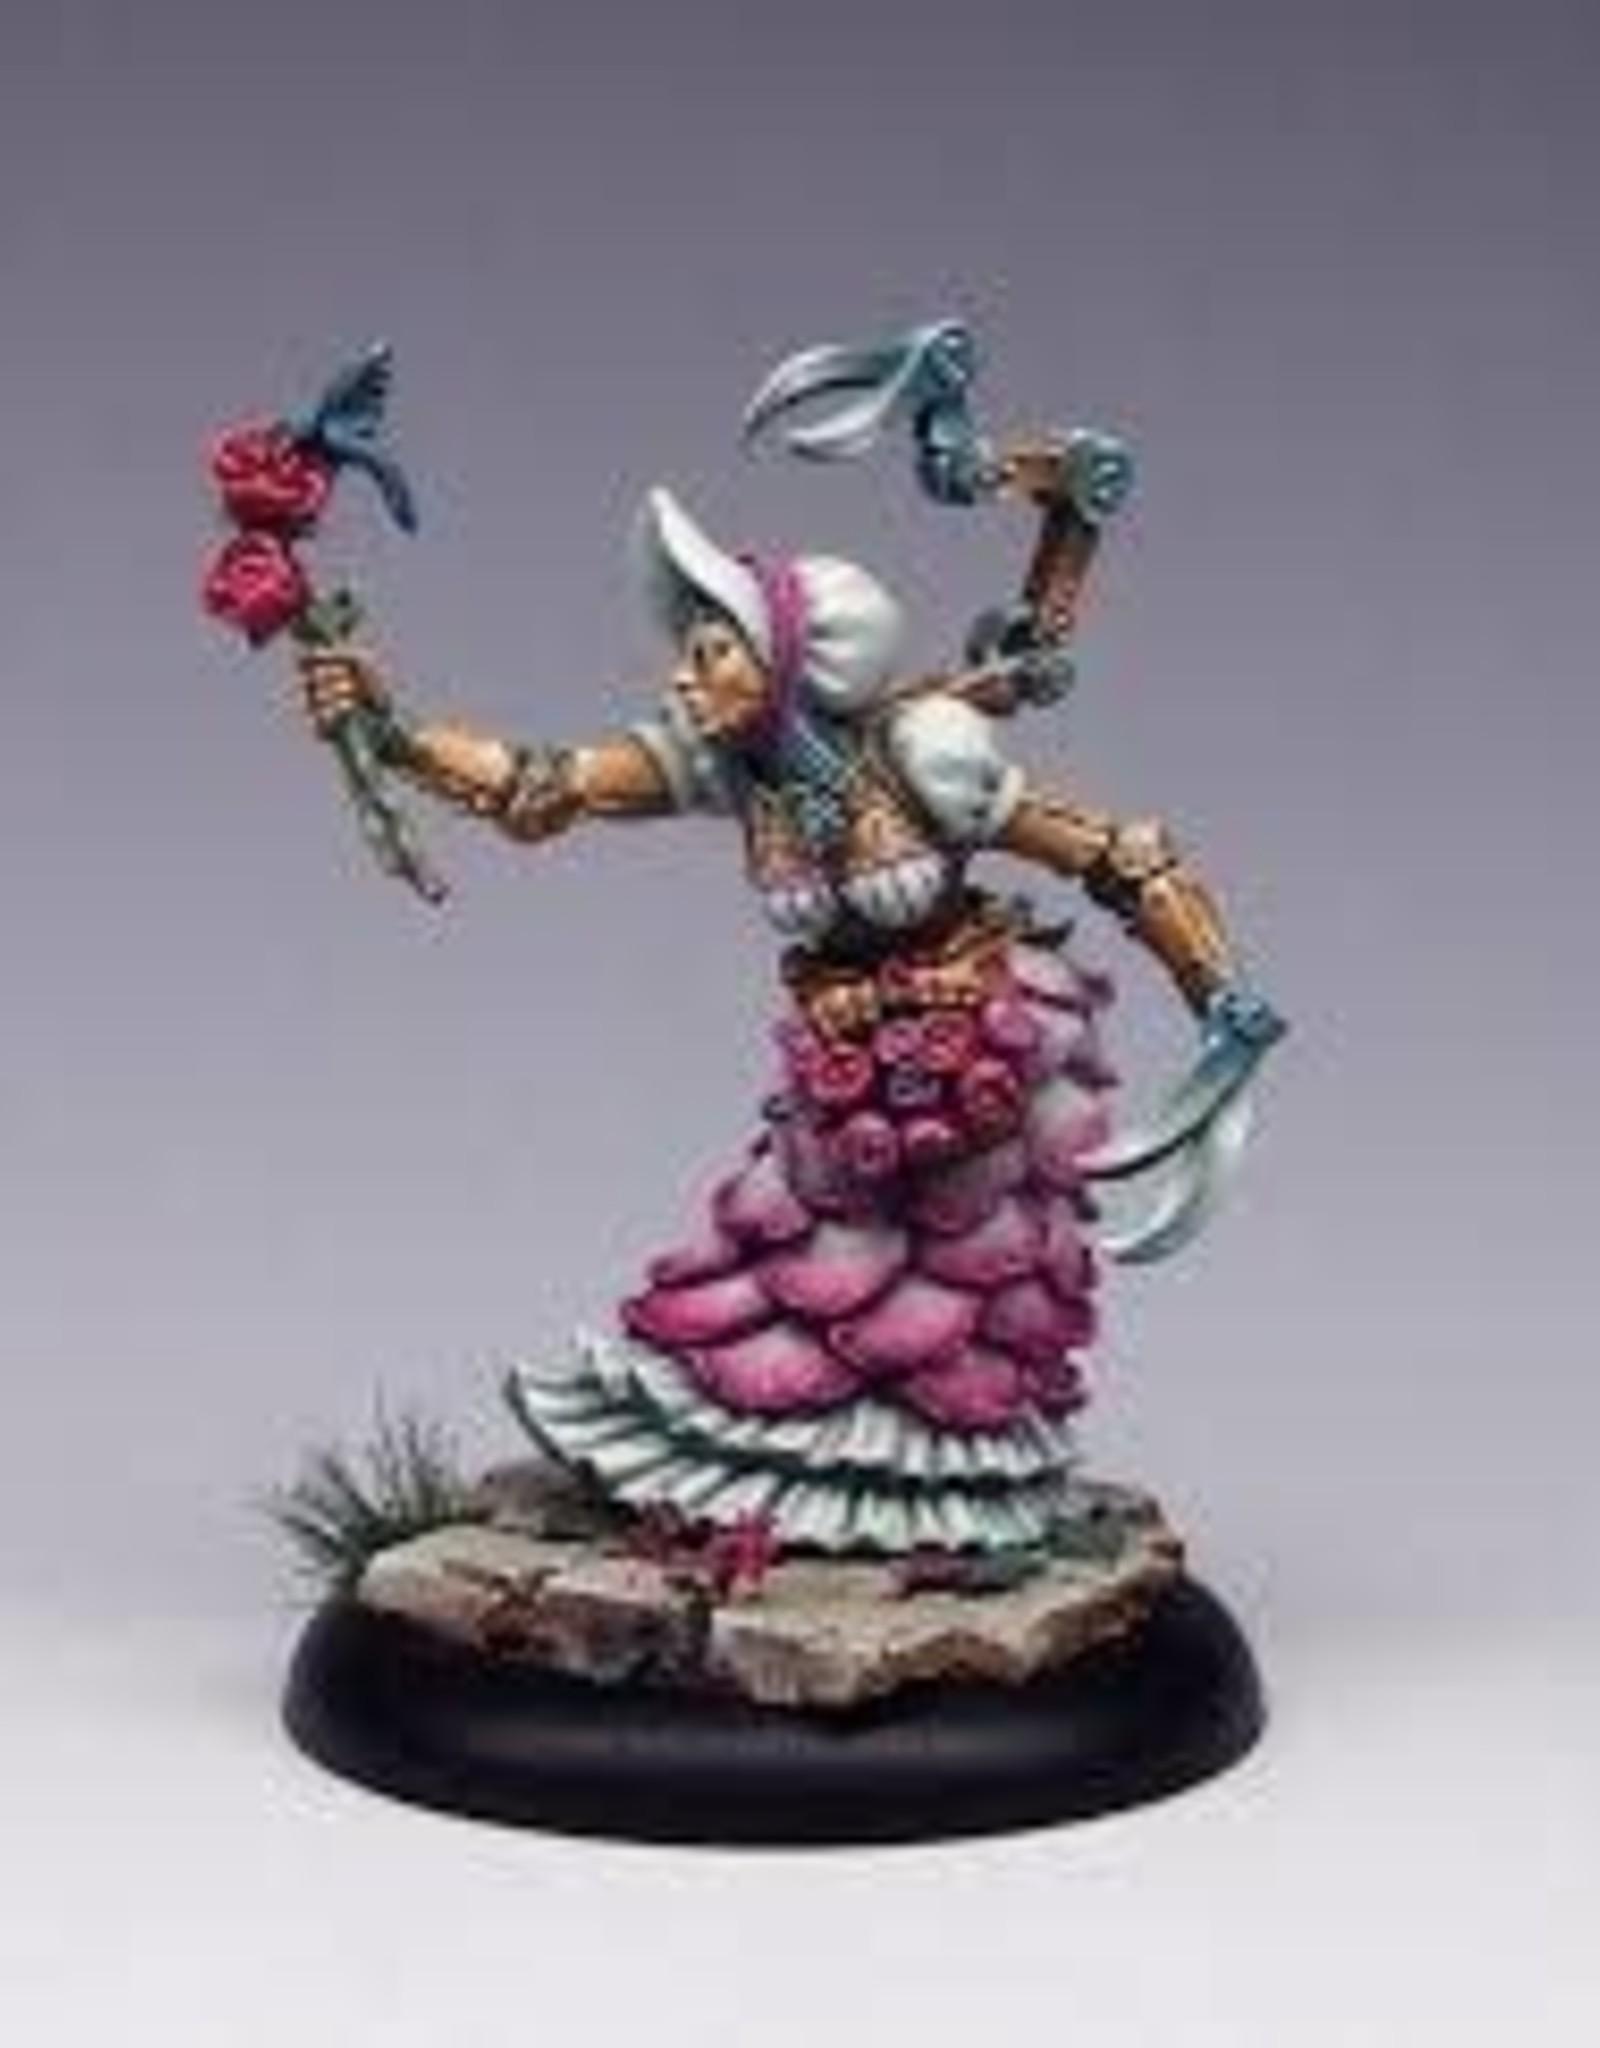 Demented Games Gentlefolk Flower Seller - Resin